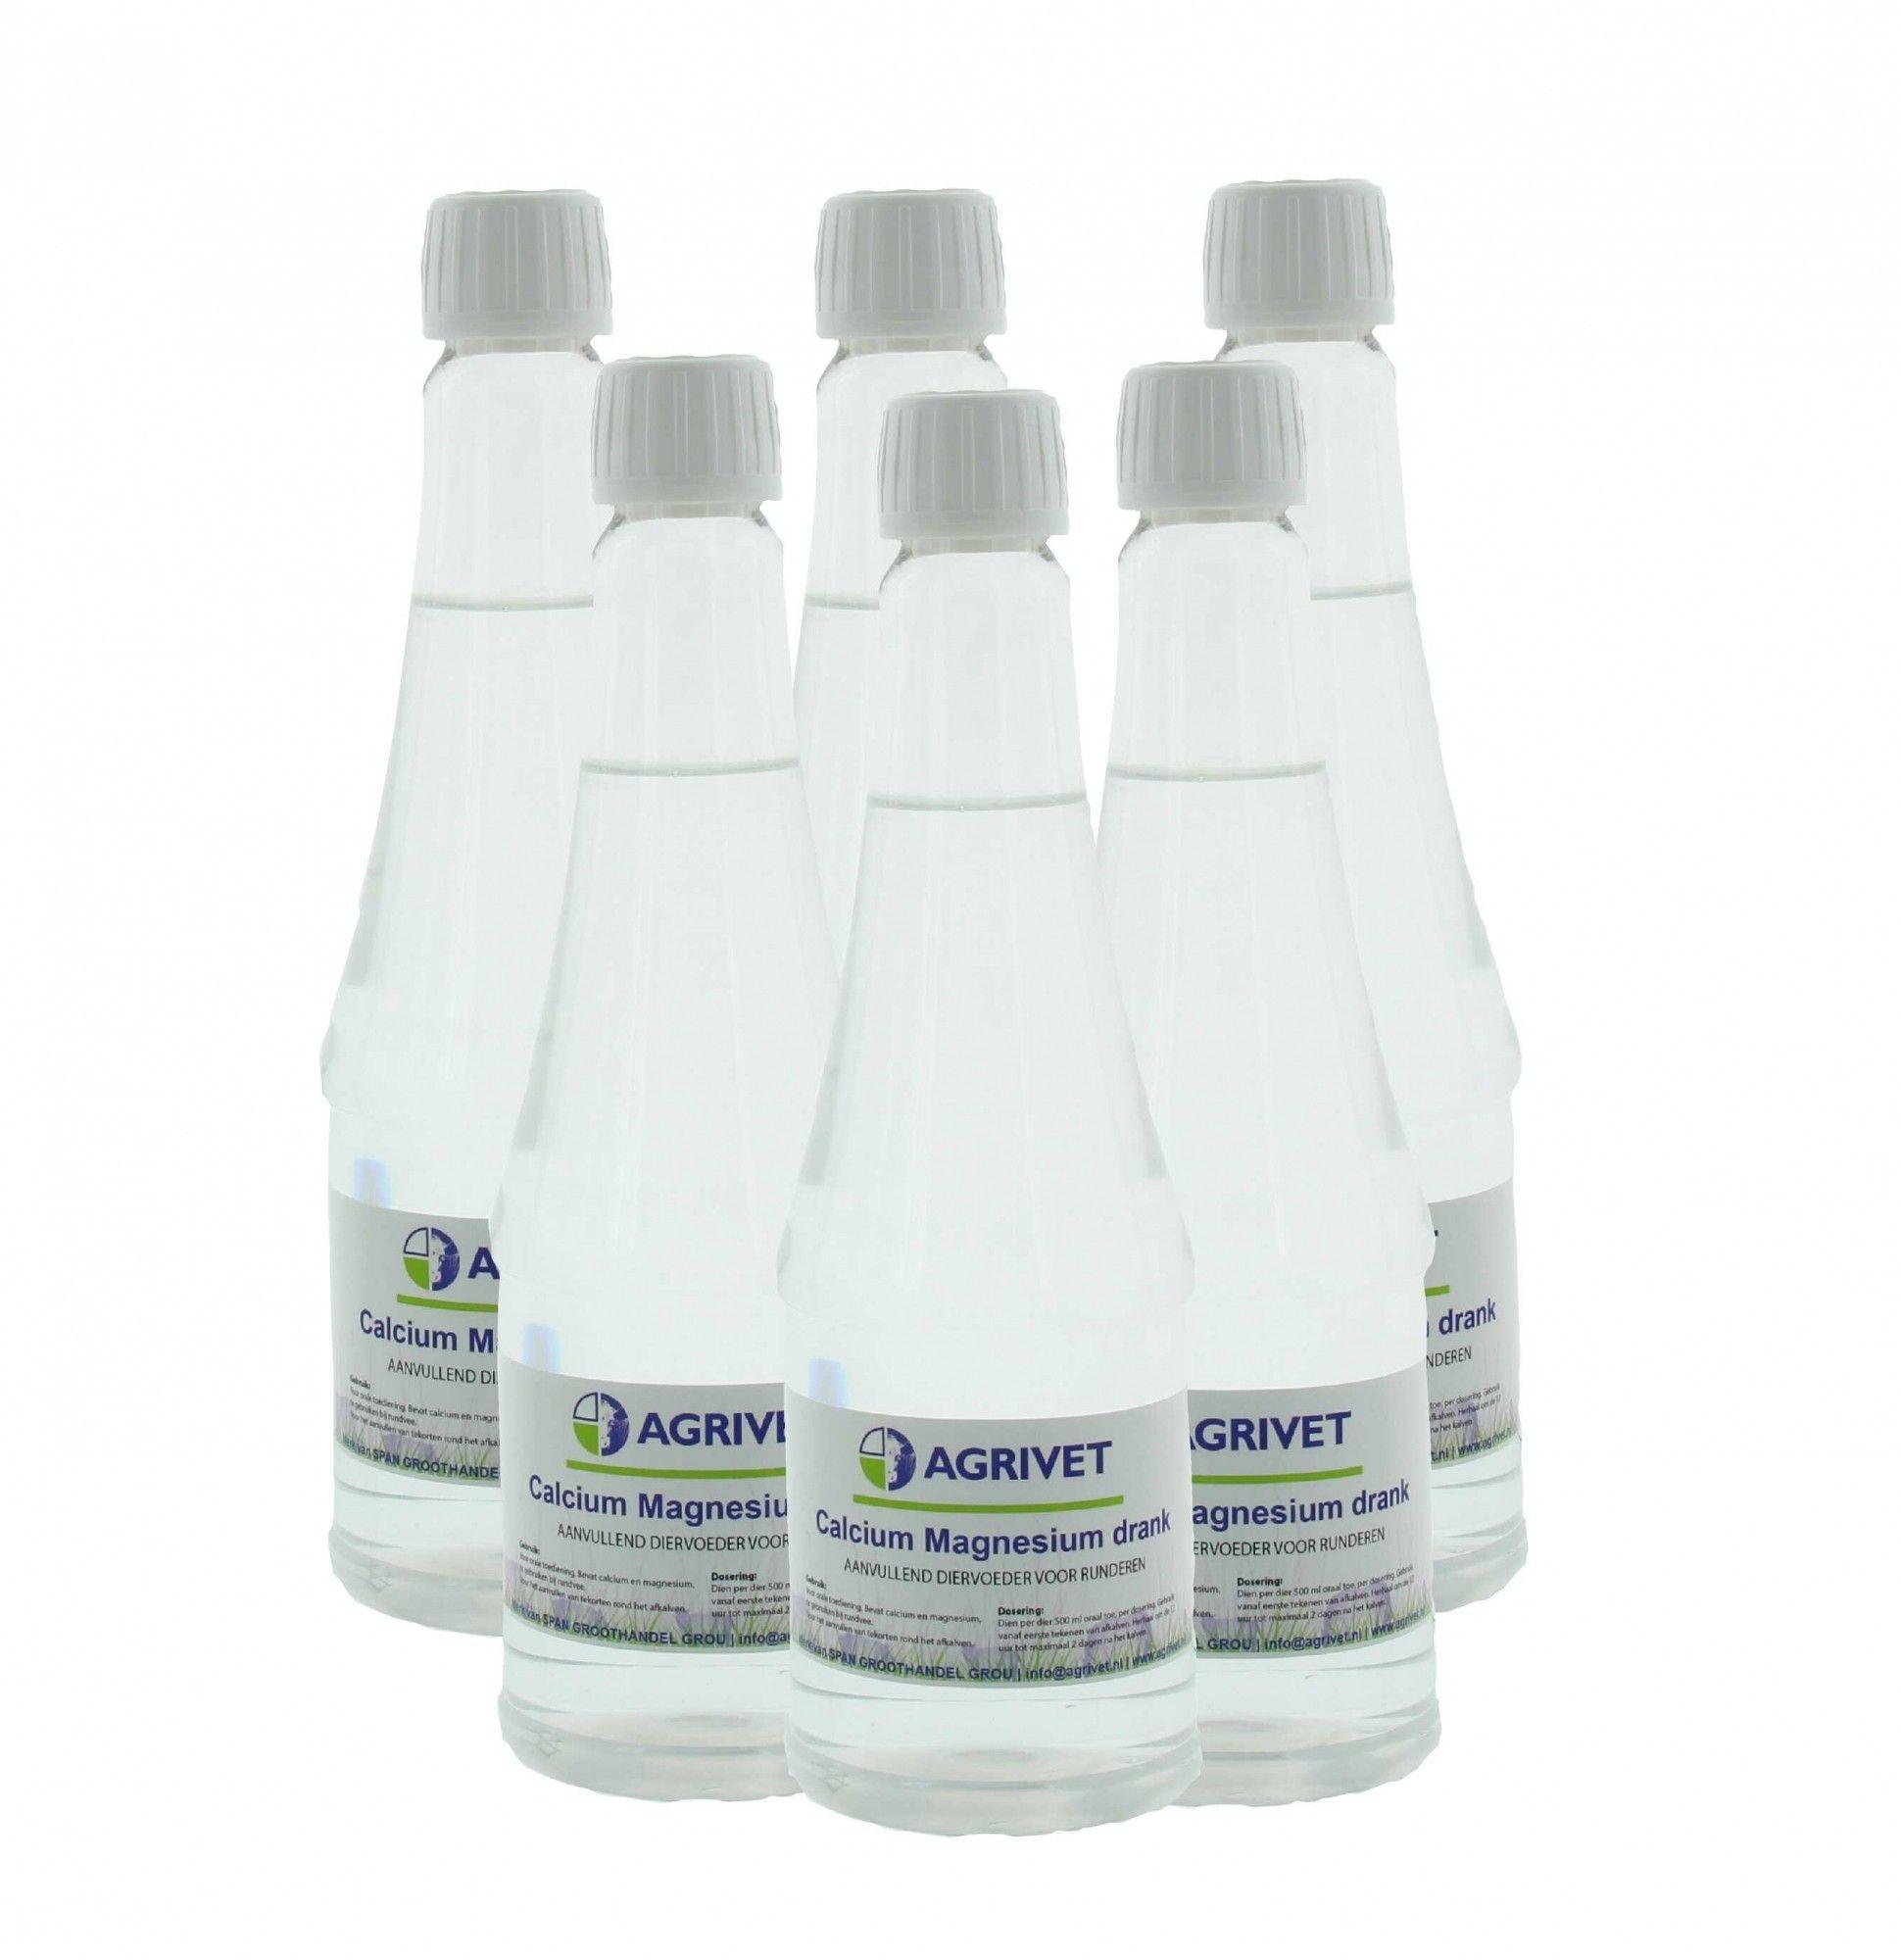 Calcium-magnesium drank Agrivet 500ml 6 stuks